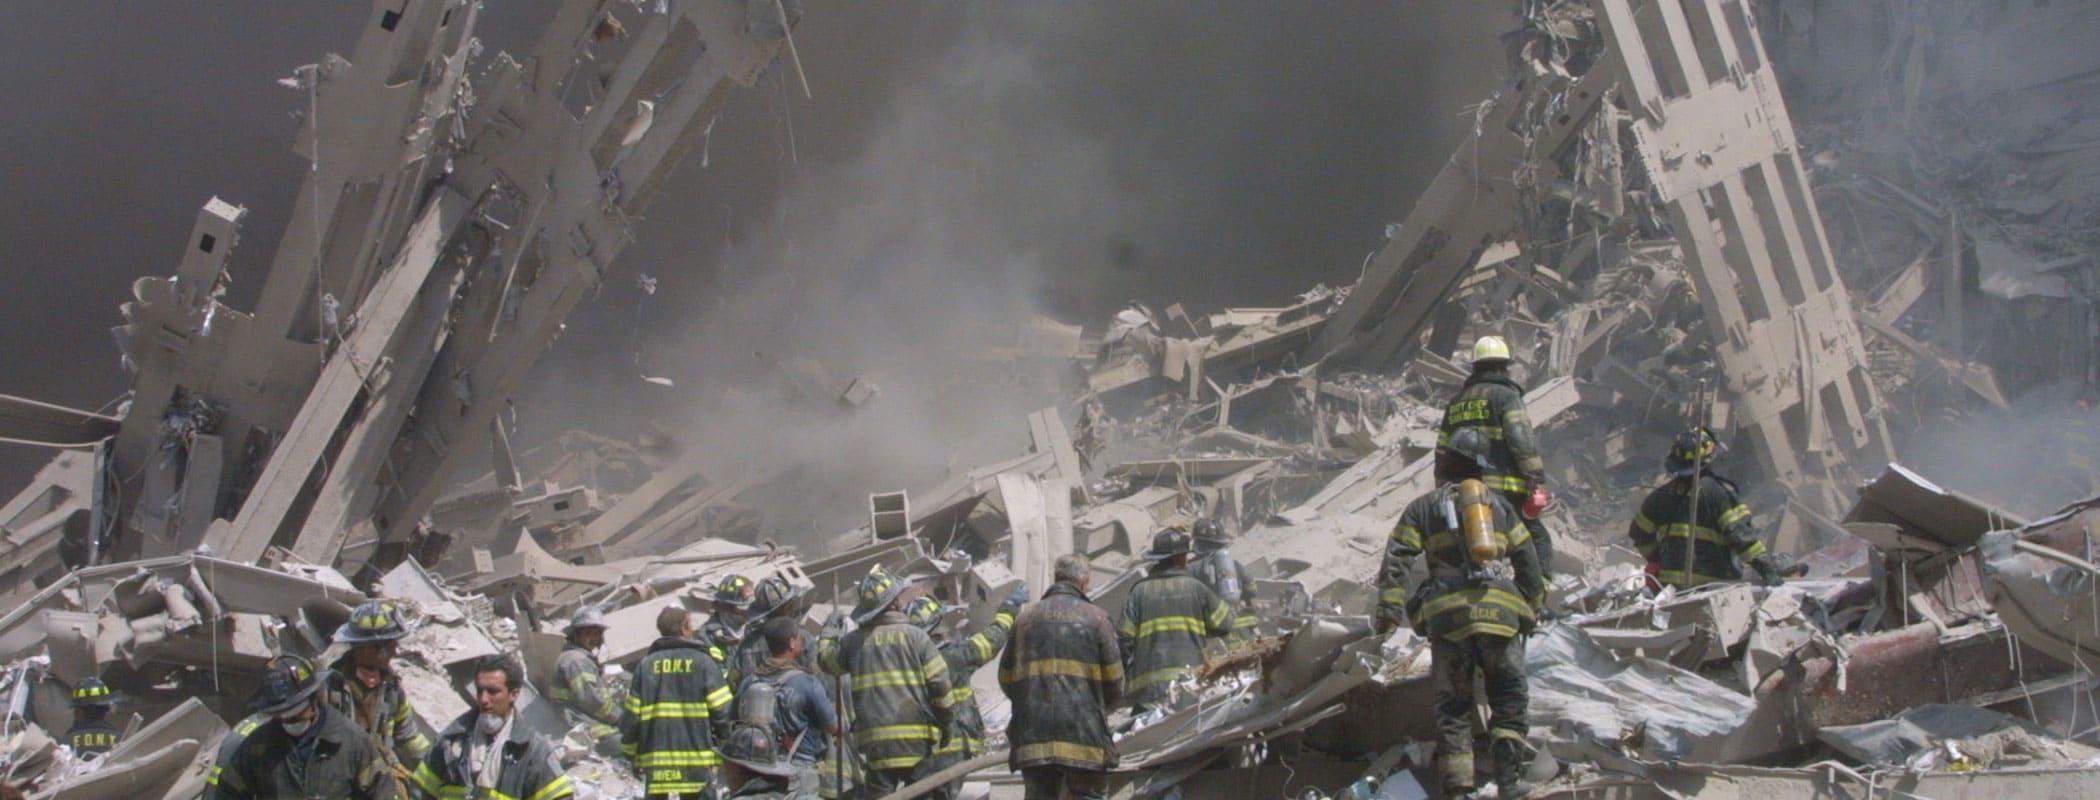 firemen-911